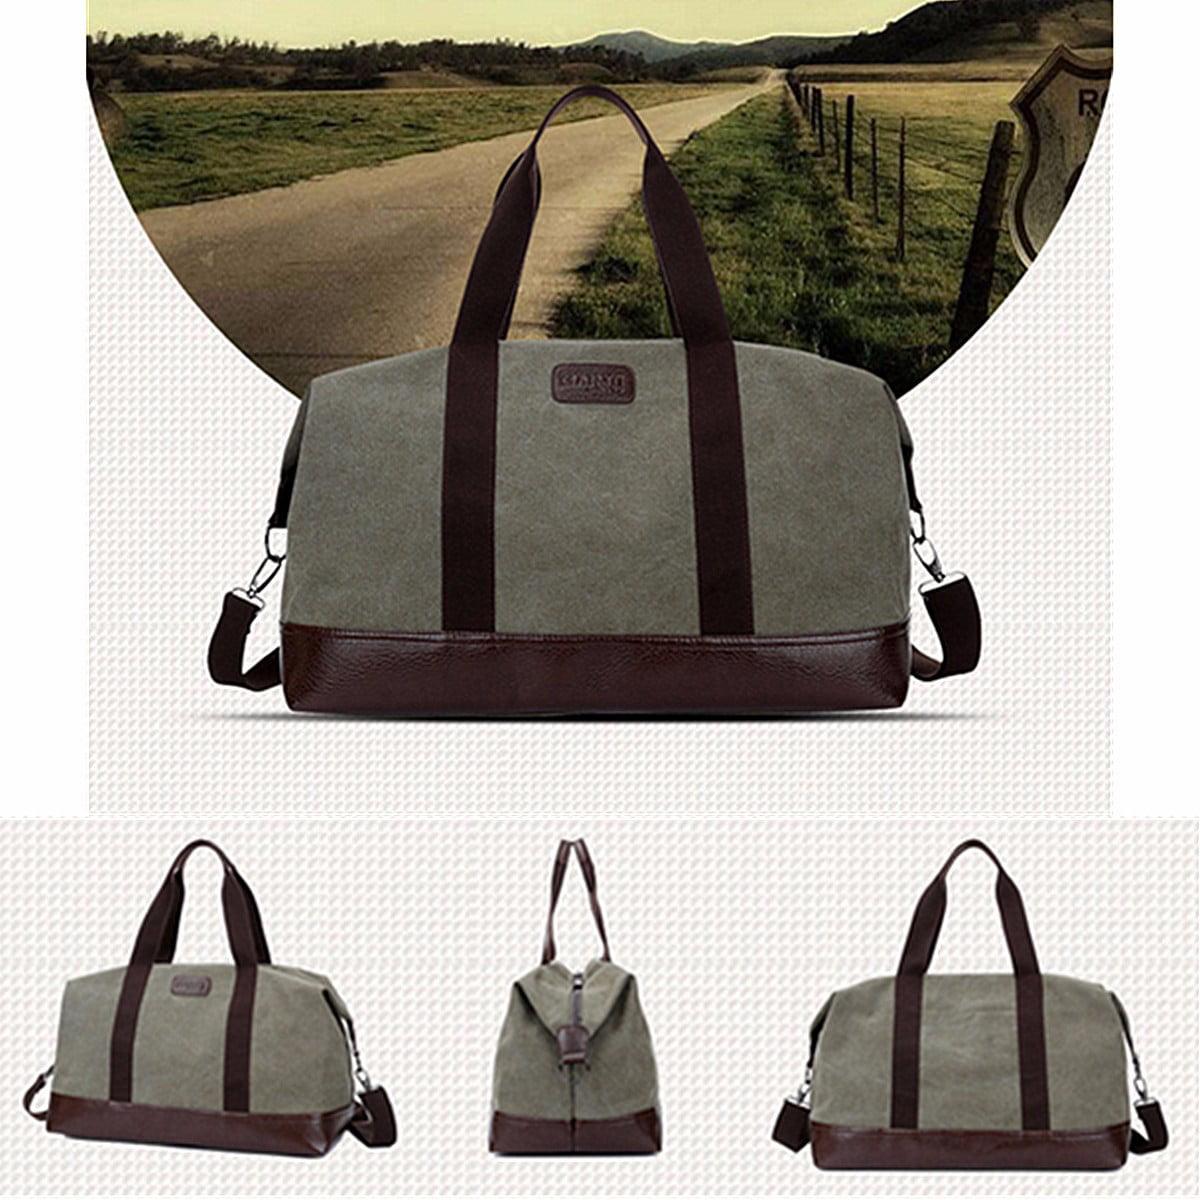 Vintage Men Canvas Large Handbag Gym Travel Sports Waterproof Shoulder Luggage Bag by